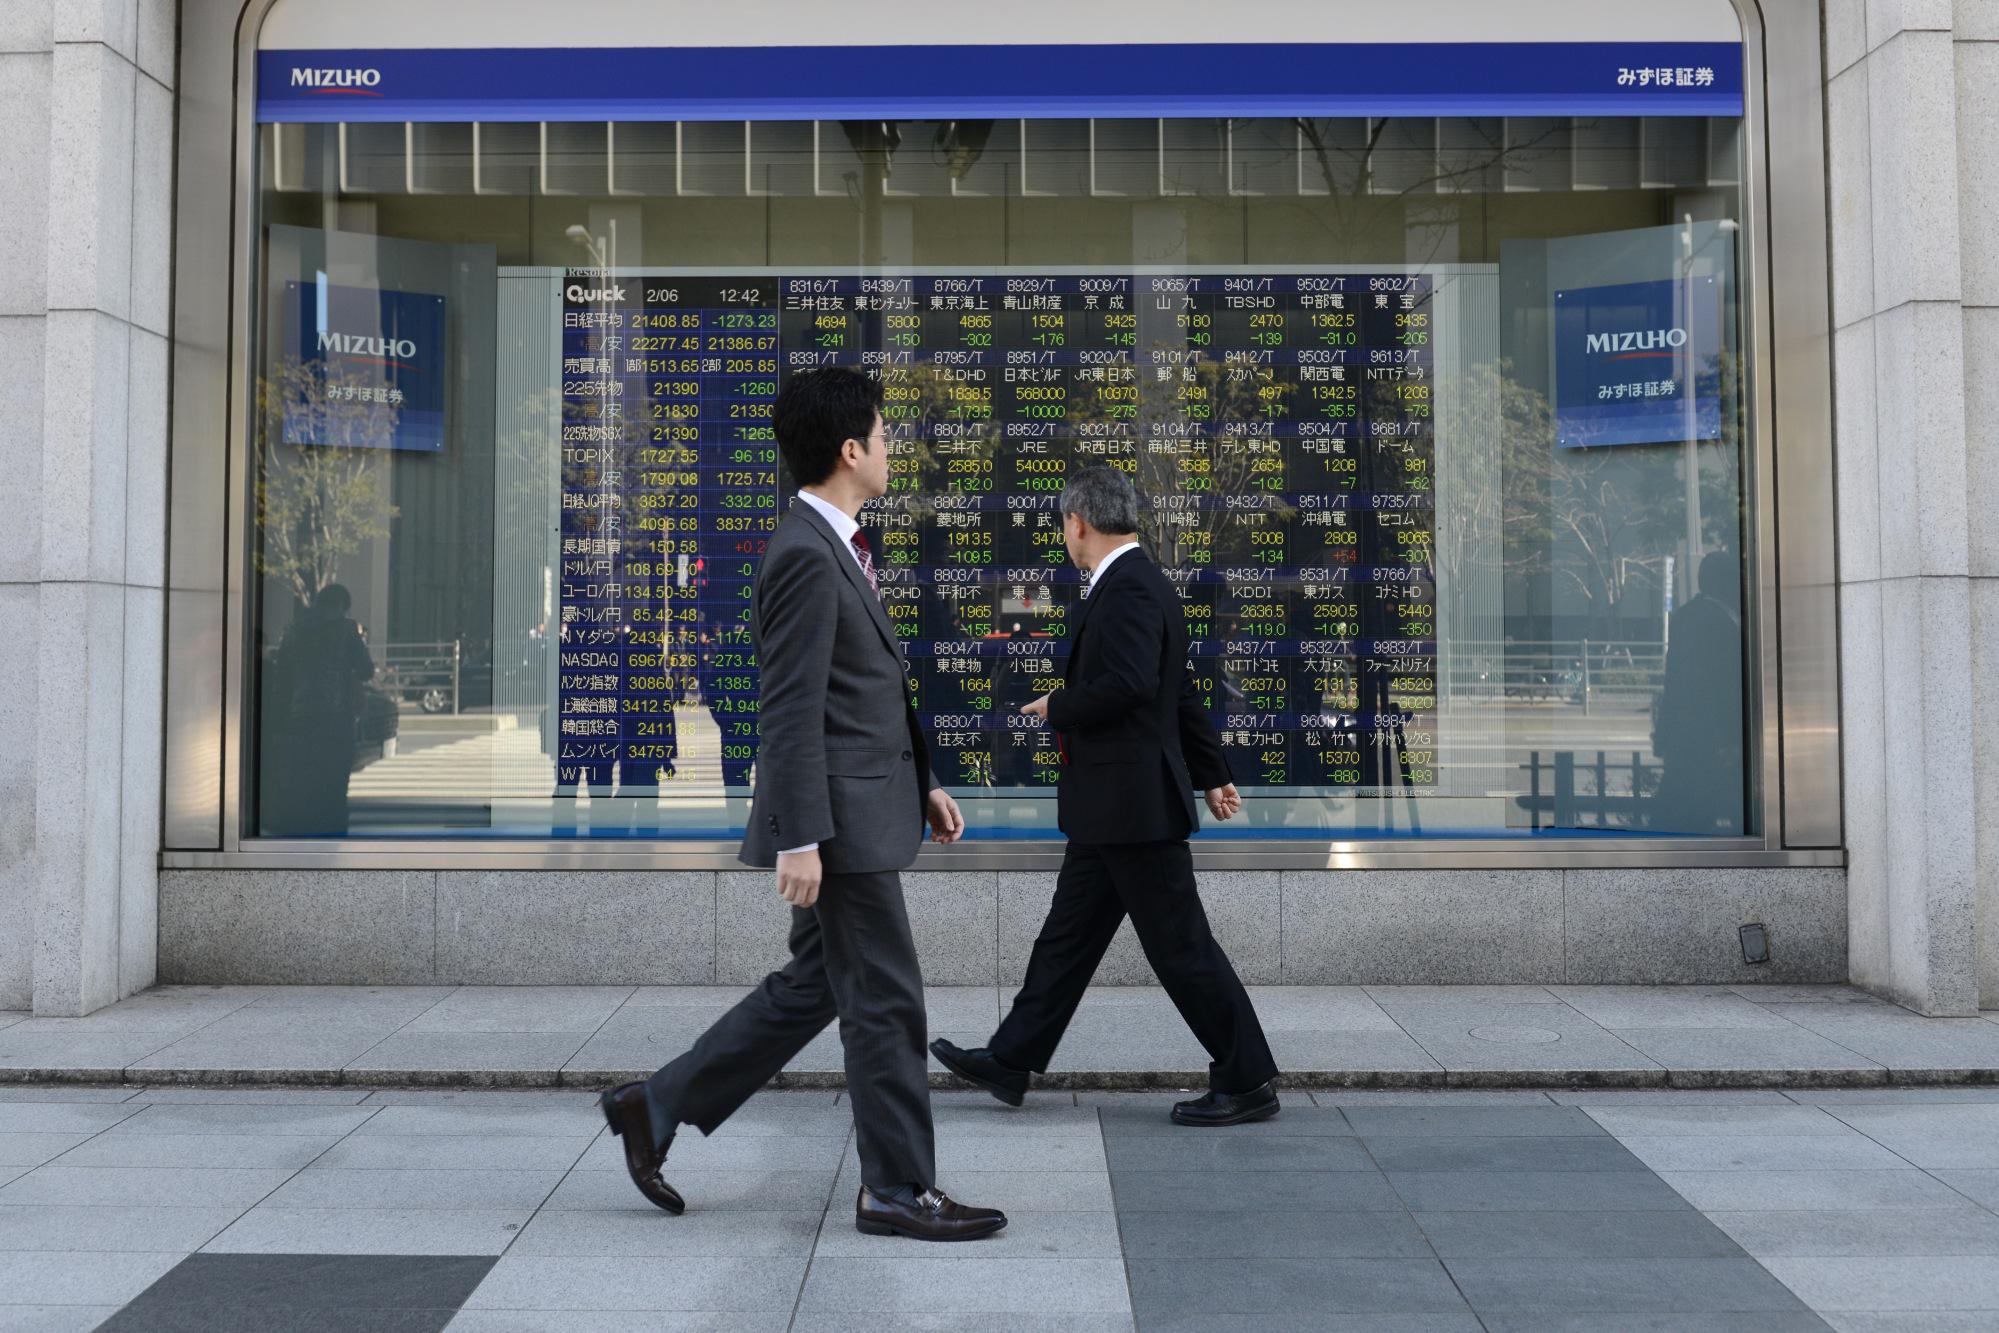 Chứng khoán châu Á giảm sâu, Nikkei 225 có lúc vào vùng điều chỉnh